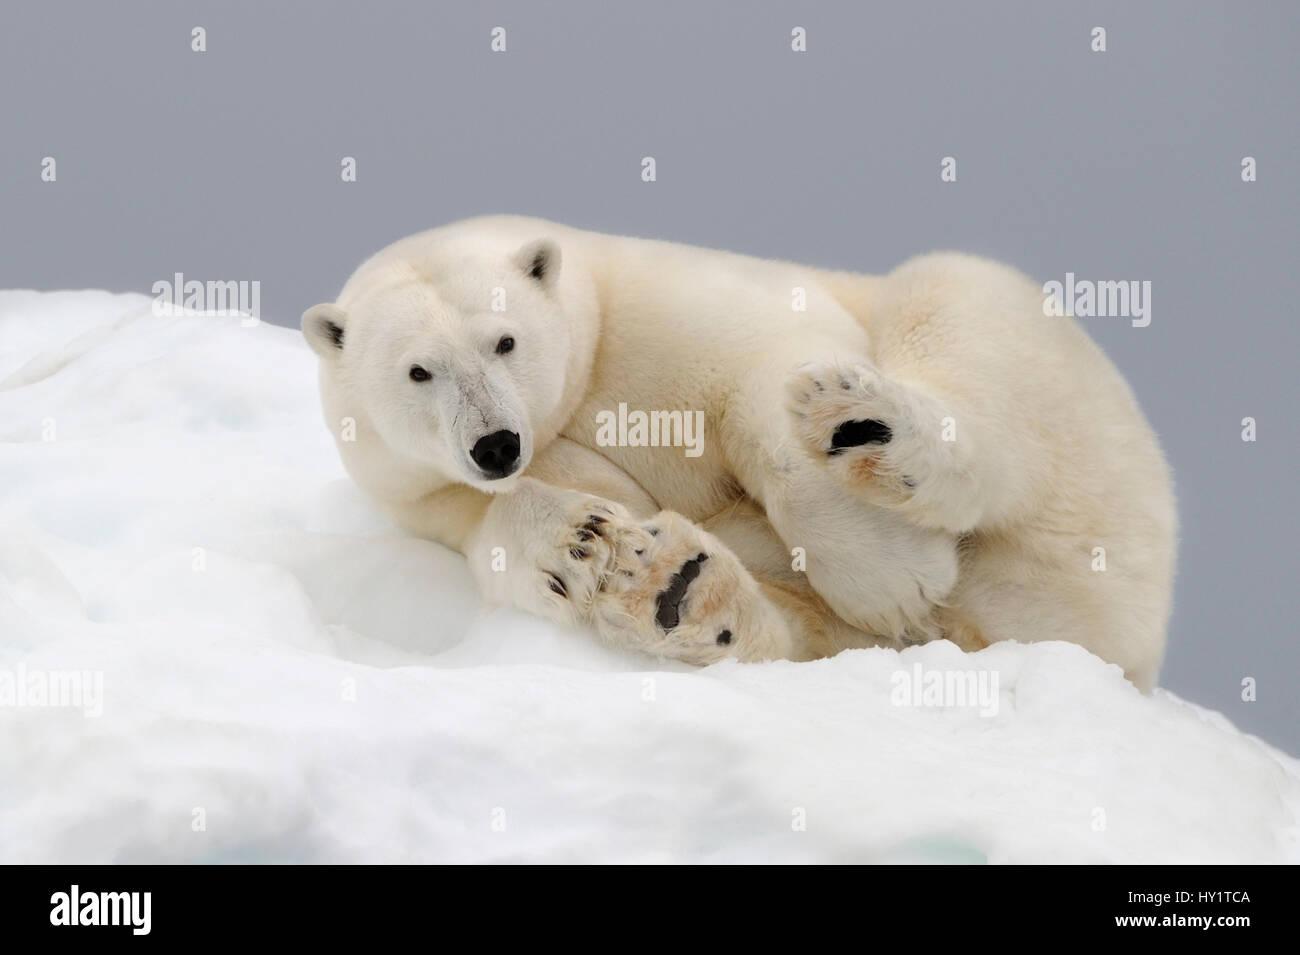 El oso polar (Ursus maritimus) descansando sobre el hielo. Svalbard, Noruega. Especies en peligro de extinción. Imagen De Stock